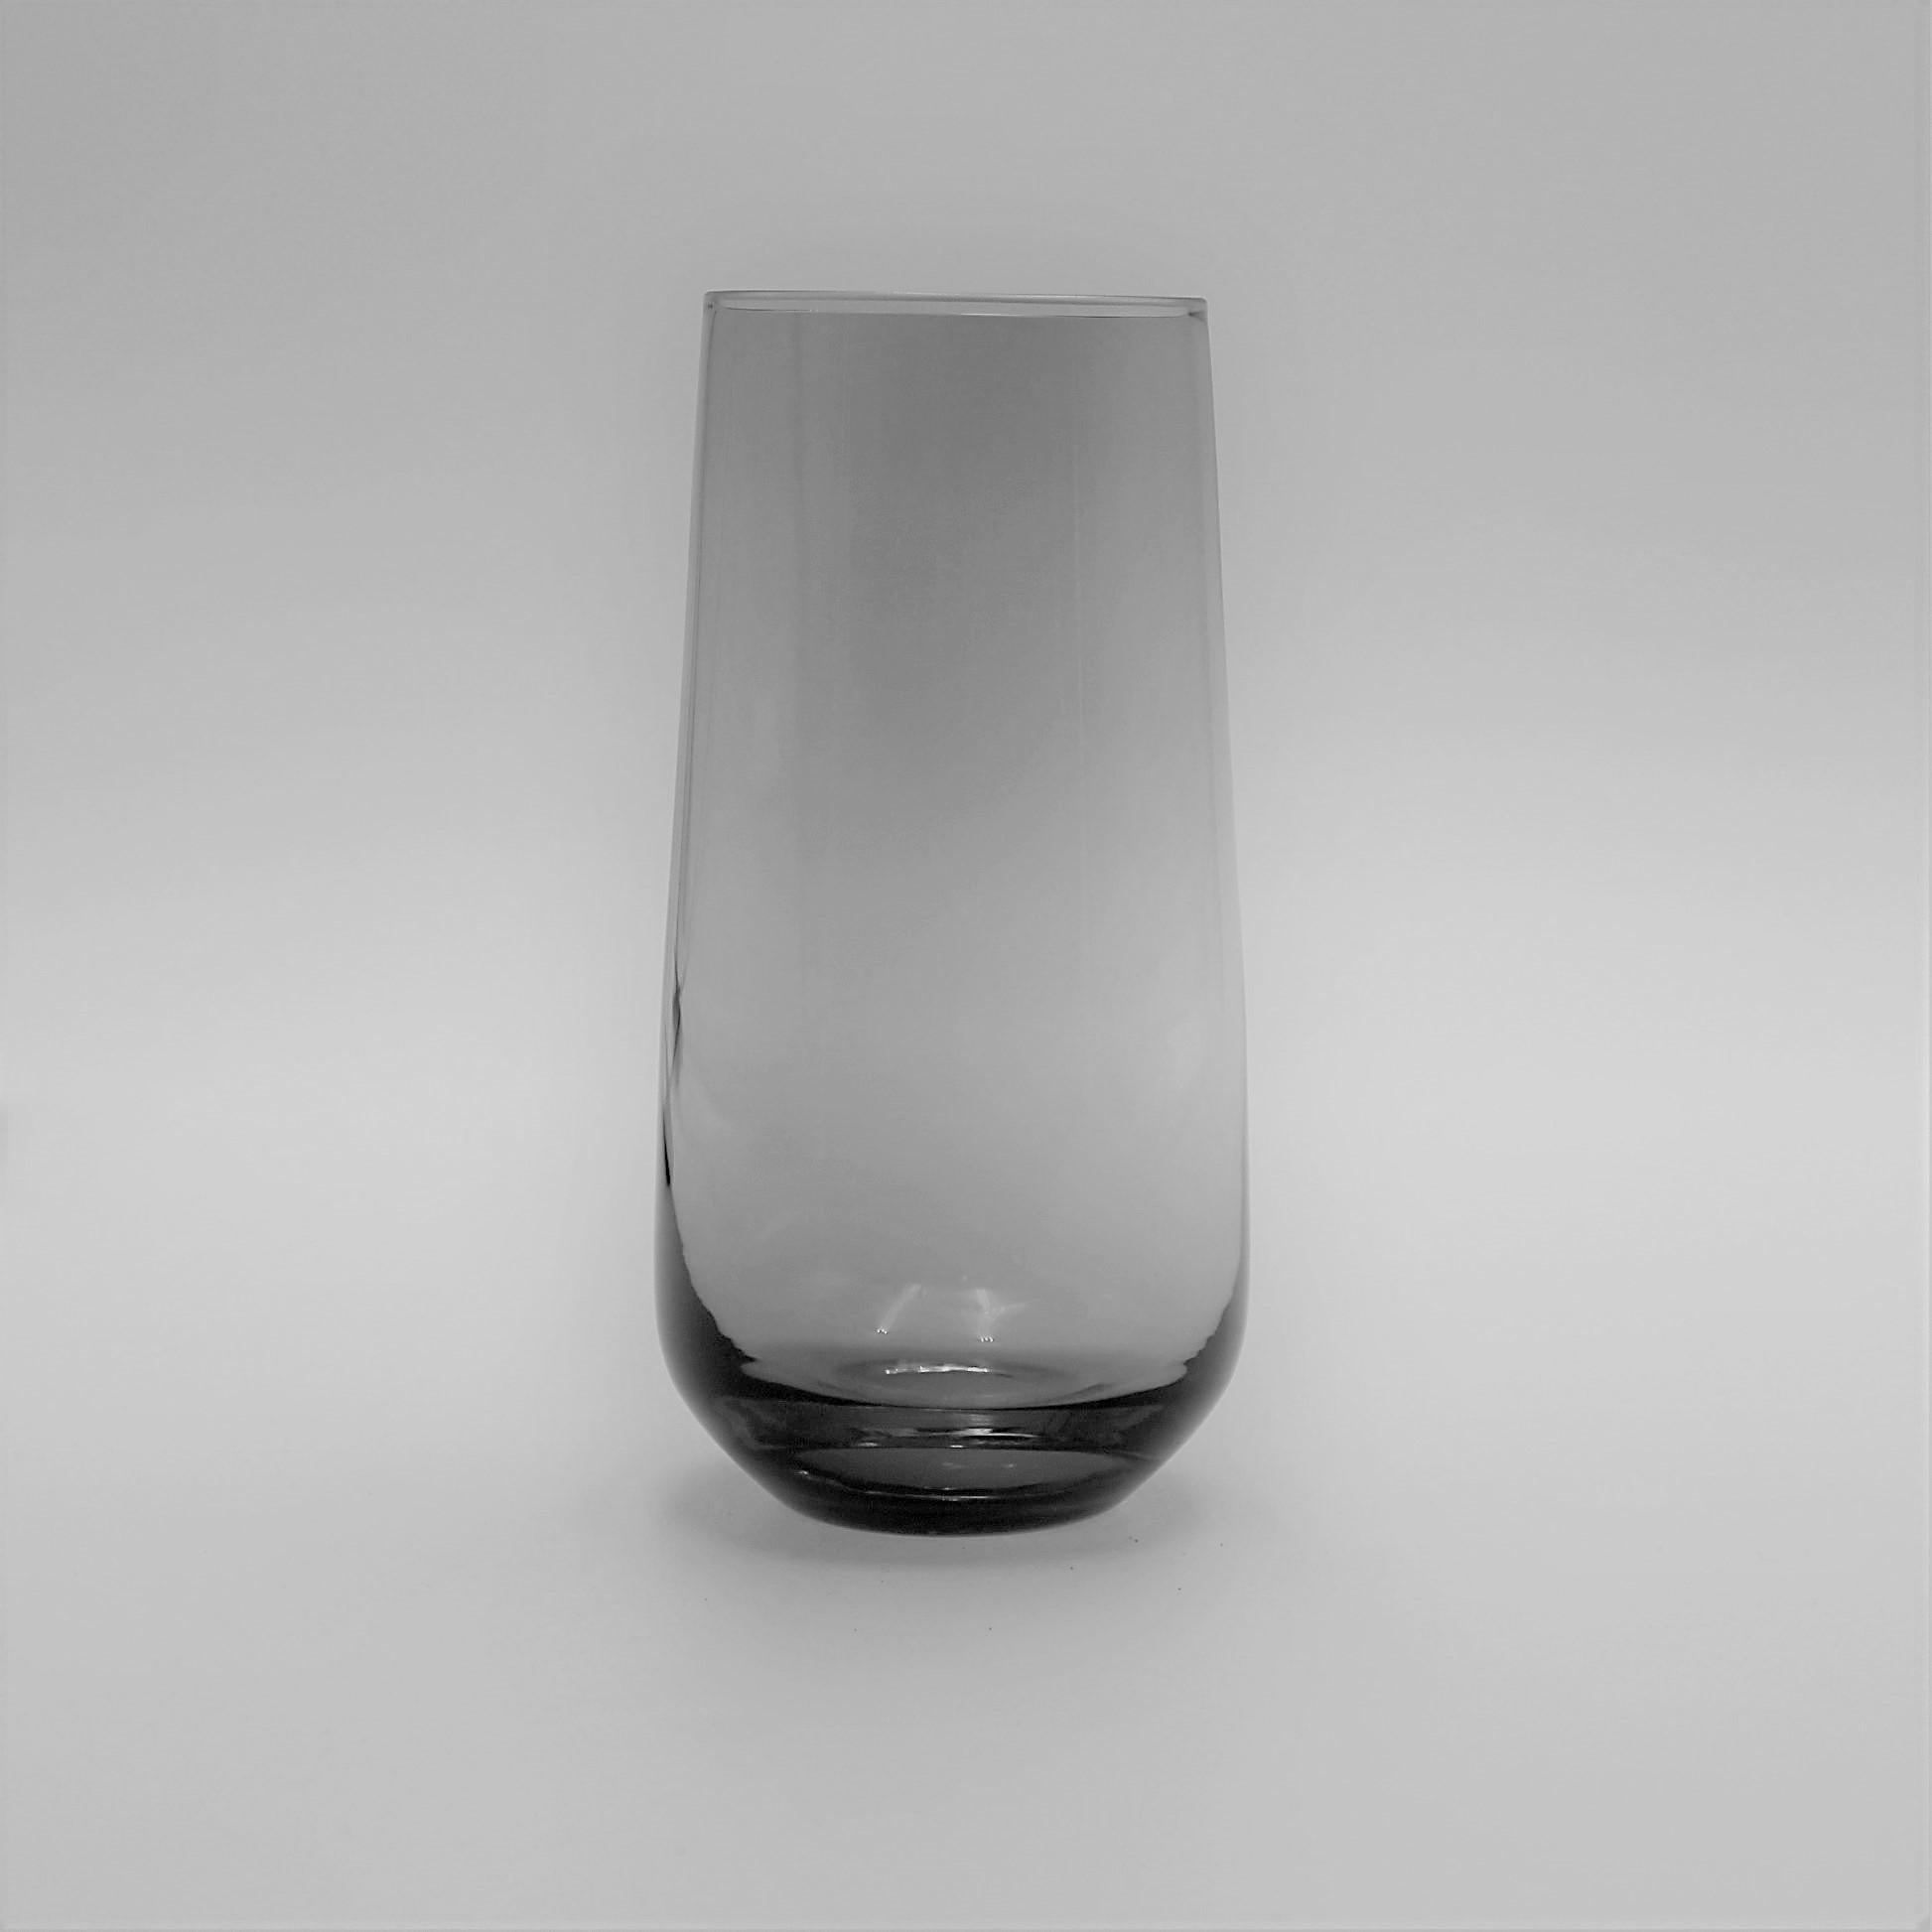 Edles Longdrink oder Saft Glas